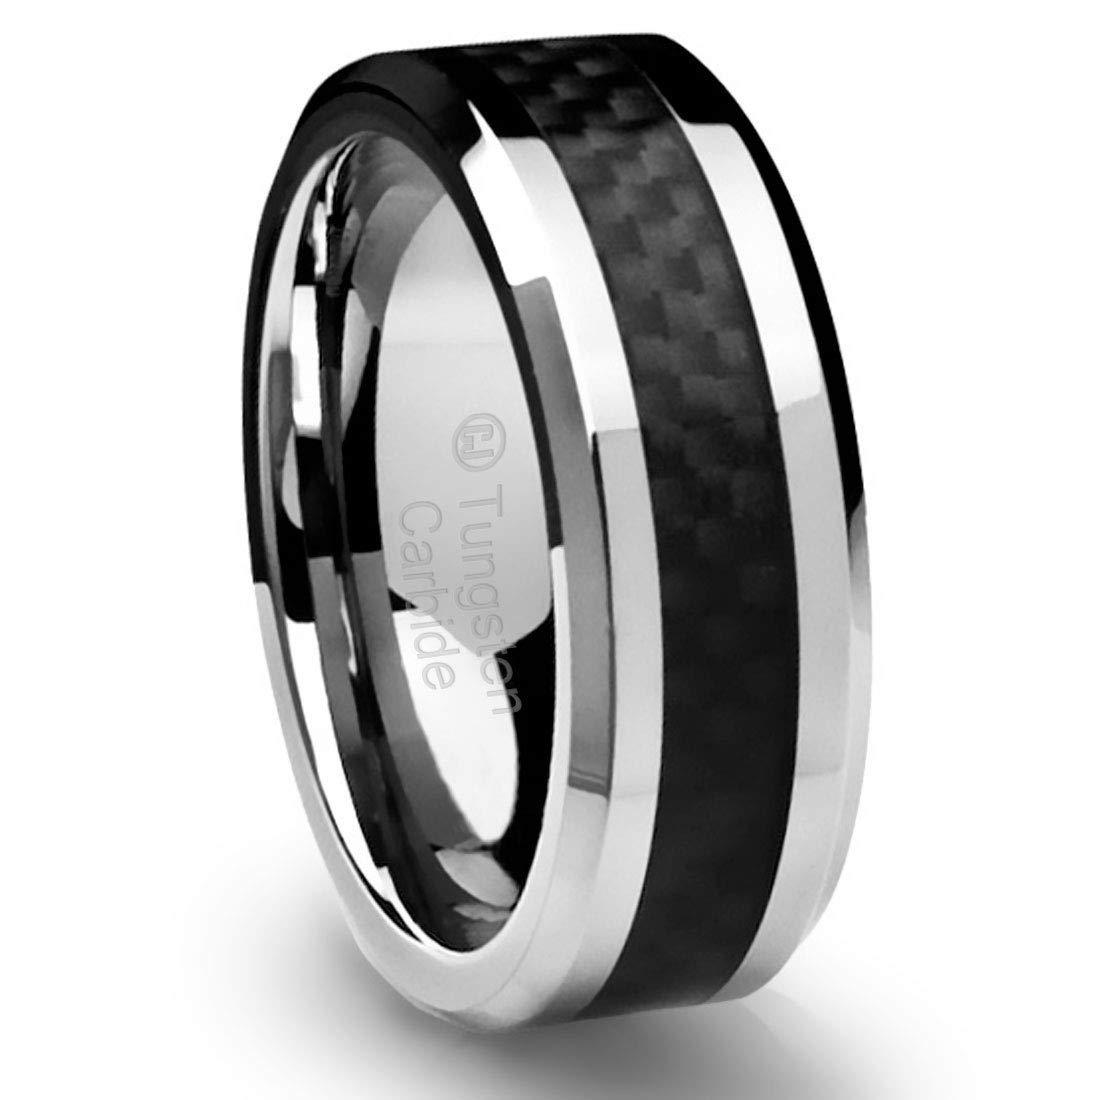 Cavalier les Bijoutiers 8mm hommes de tungstène Bague en carbure de tungstène avec incrustation en fibre de carbone Noir Cavalier Jewelers